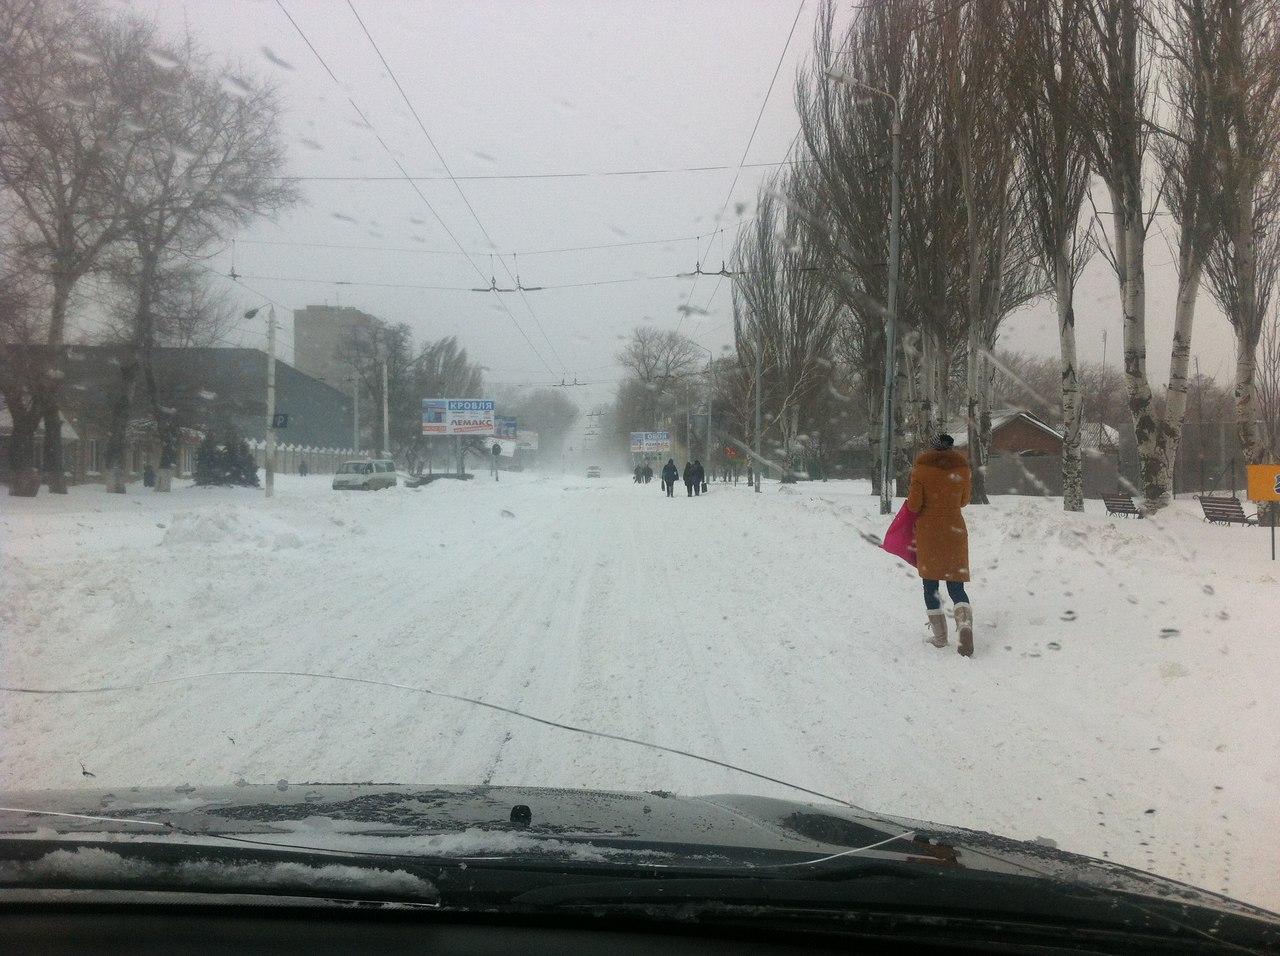 ВНИМАНИЕ! Сегодня в Таганроге и Ростове ожидается сильный снегопад